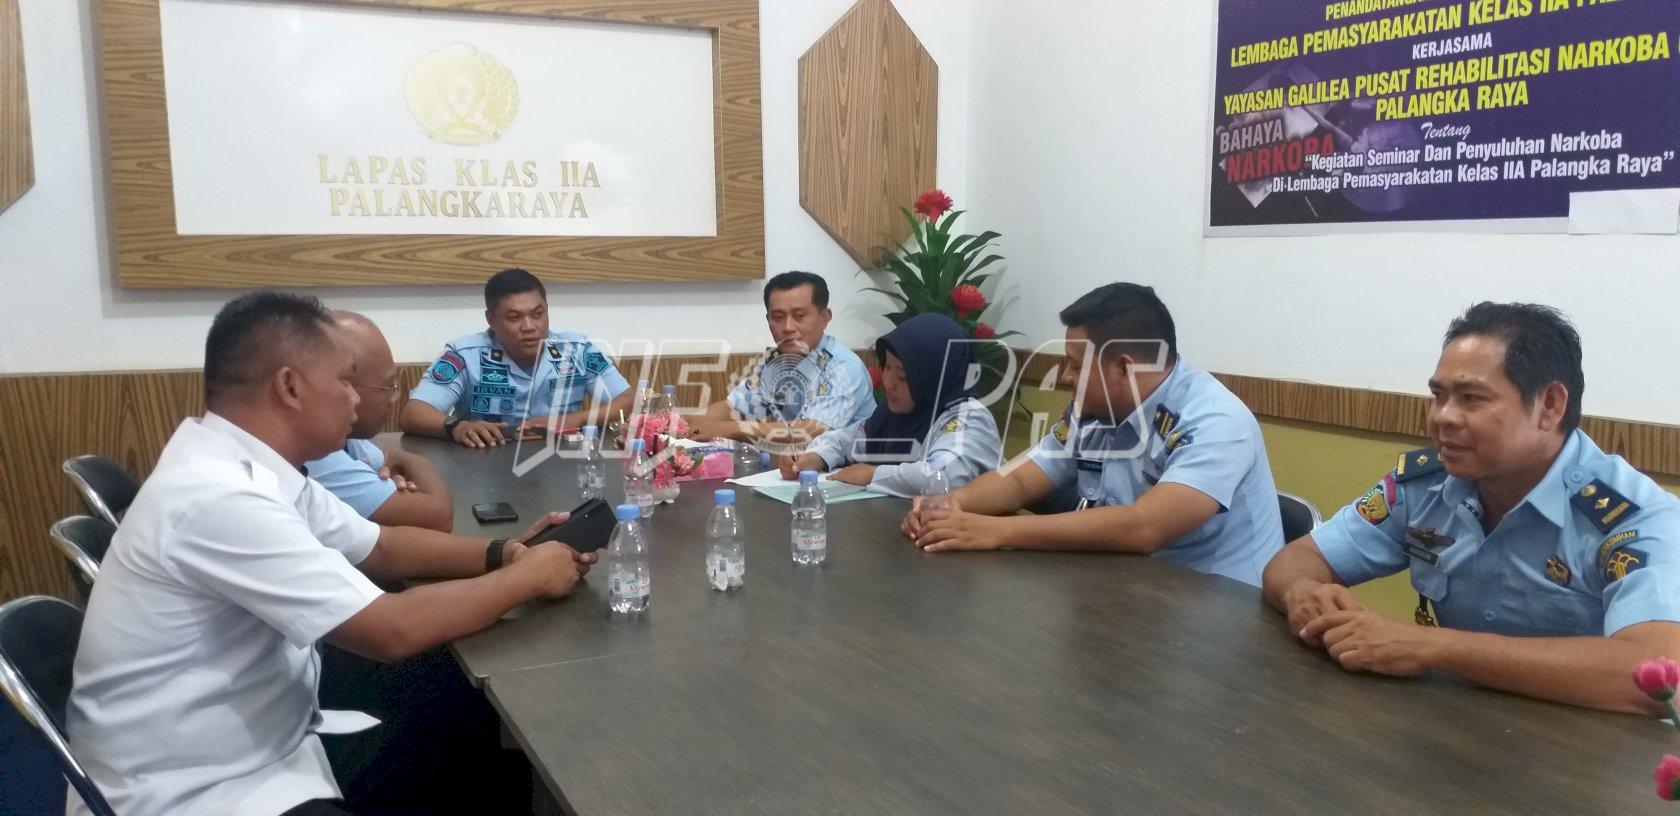 Bapor Genjot Peningkatan Pembinaan Olahraga di Lapas Palangka Raya